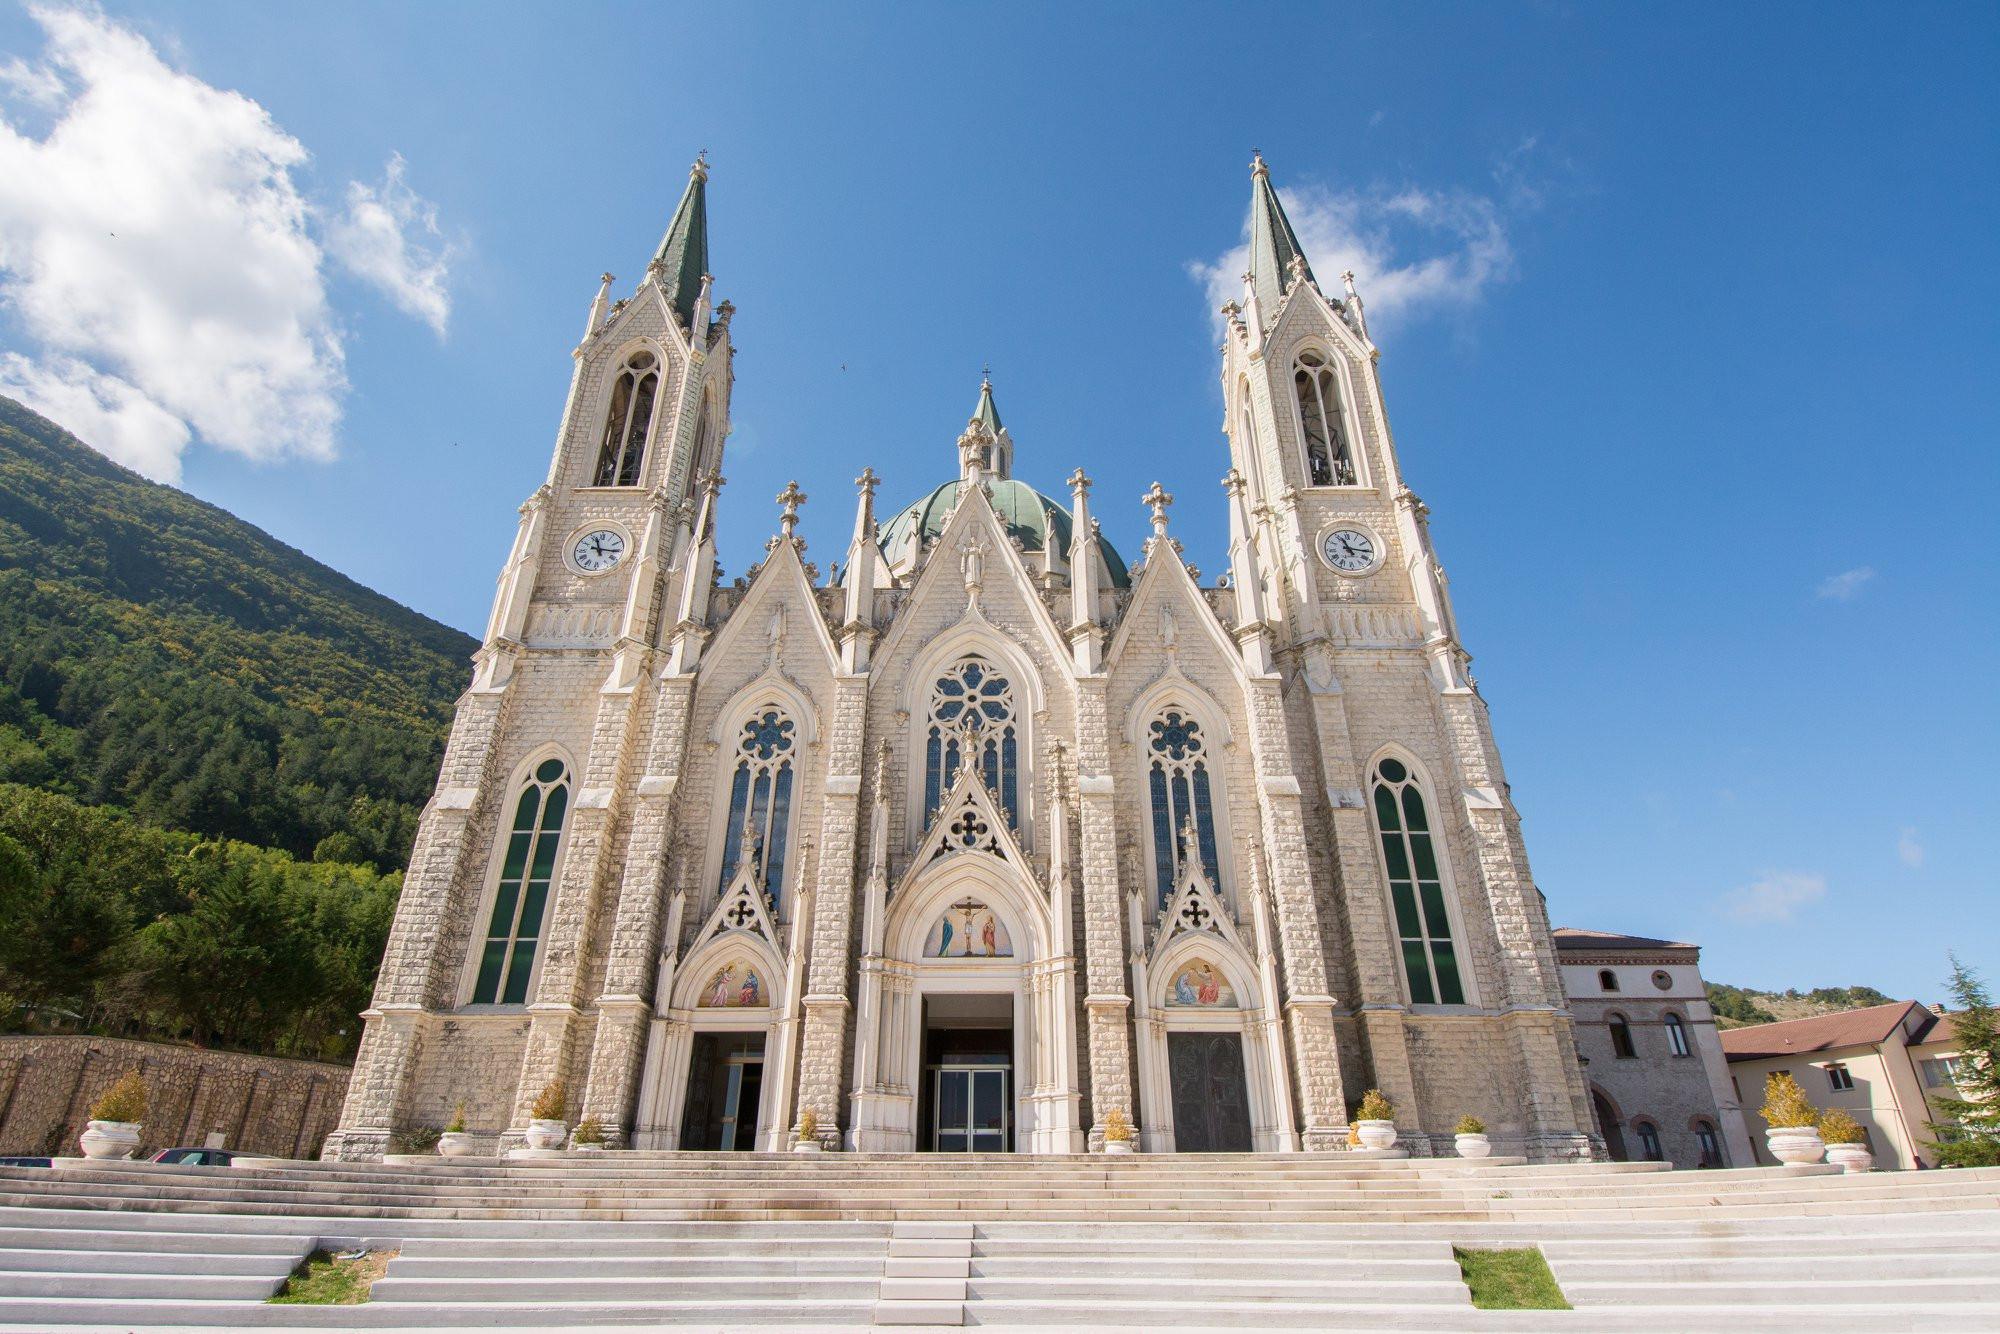 Schitterende Basiliek in Castelpetroso